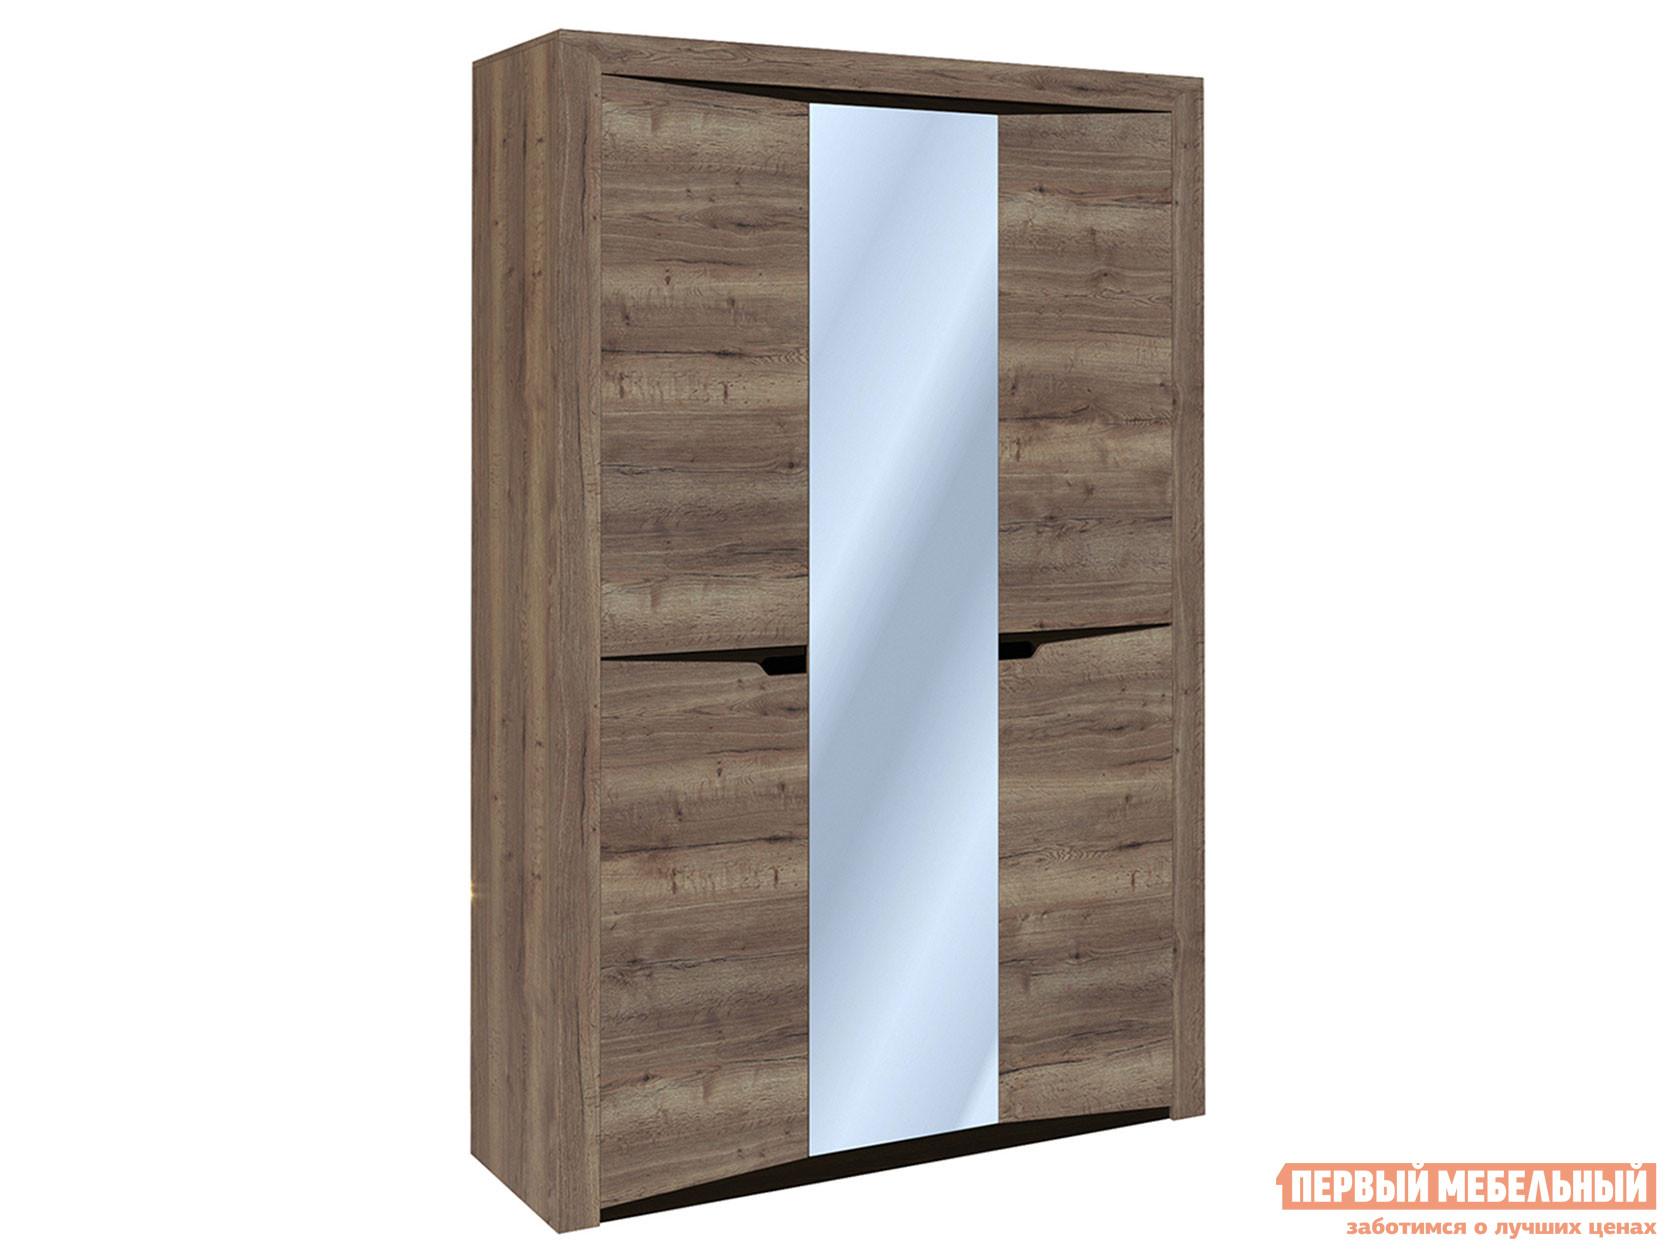 Распашной шкаф с зеркалом Первый Мебельный Шкаф 3-х дверный Гарда распашной шкаф с зеркалом первый мебельный шкаф 3 х дверный с зеркалом парма